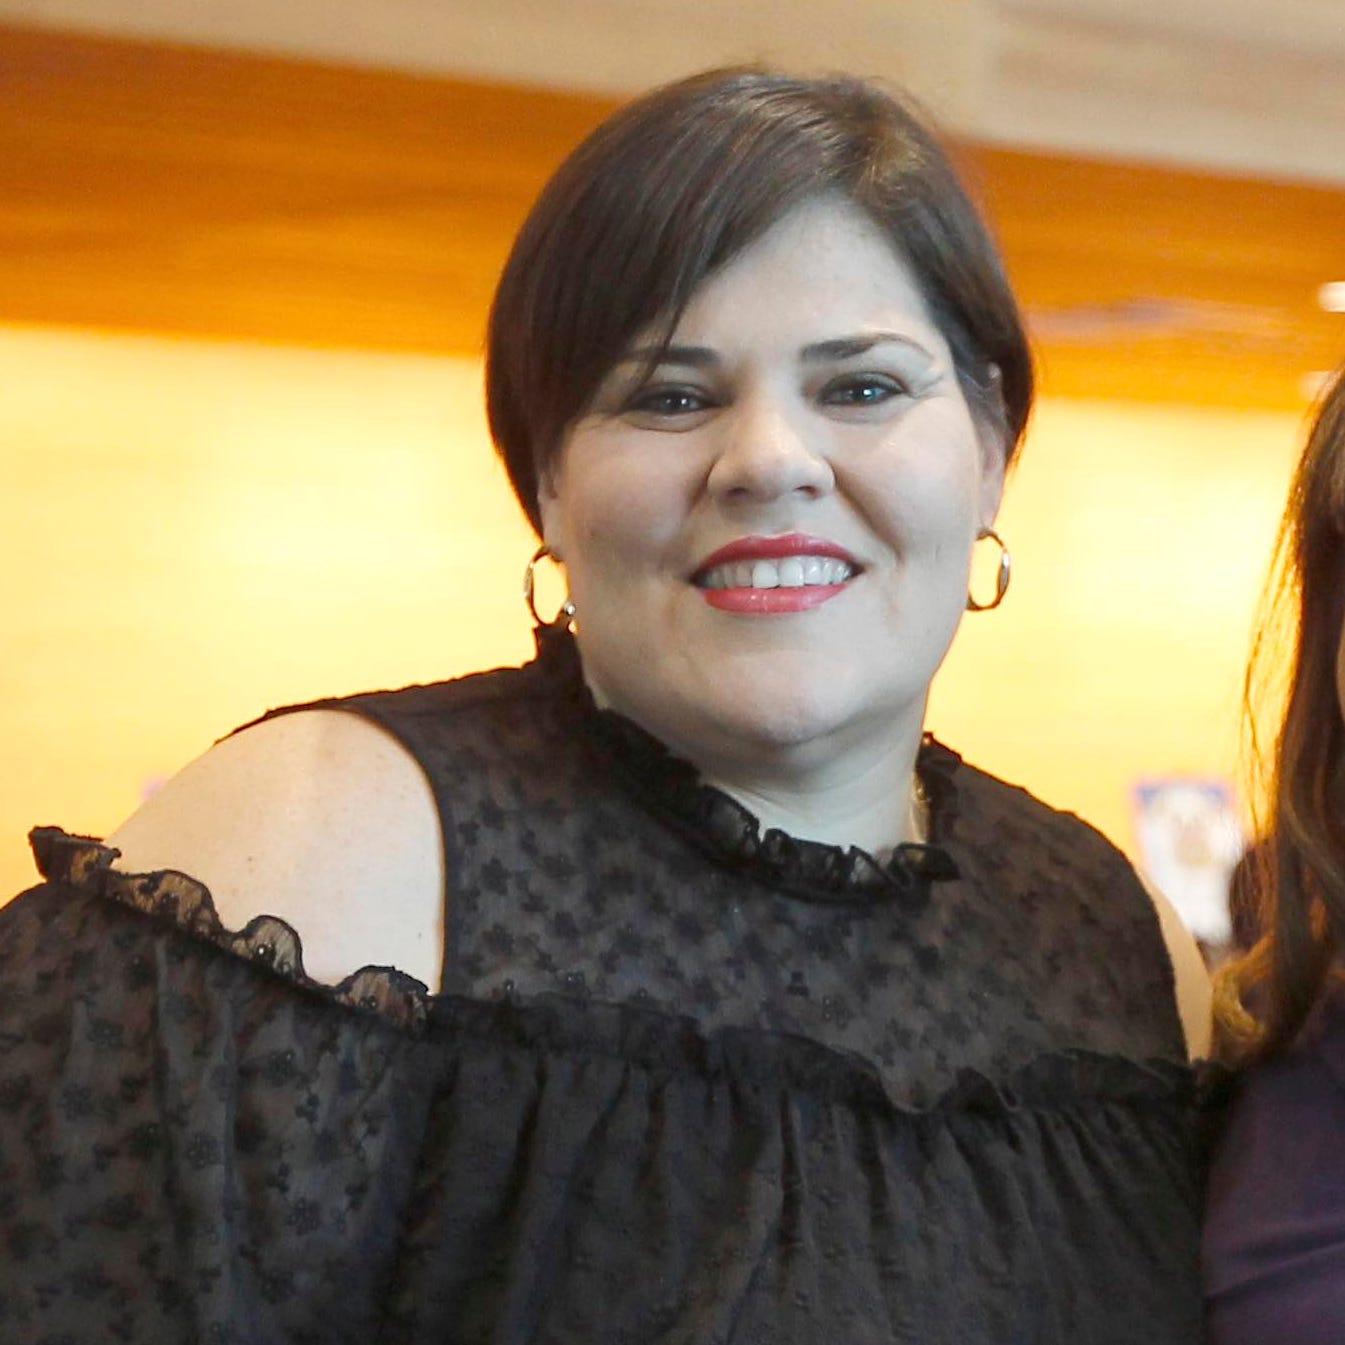 Desestiman demanda contra representante electa de Arizona, Raquel Terán